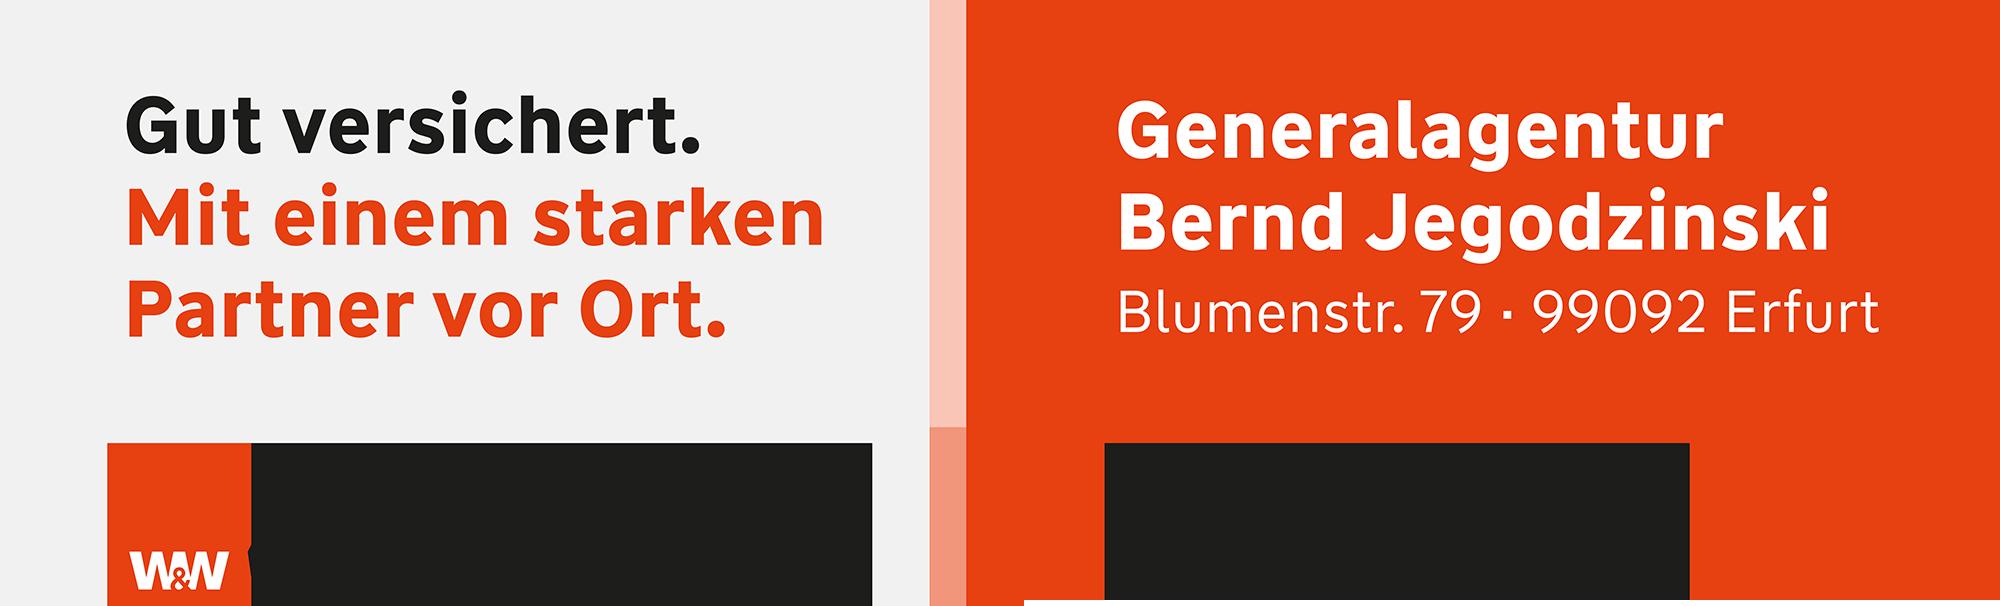 Württembergische Versicherung - Bernd Jegodzinski